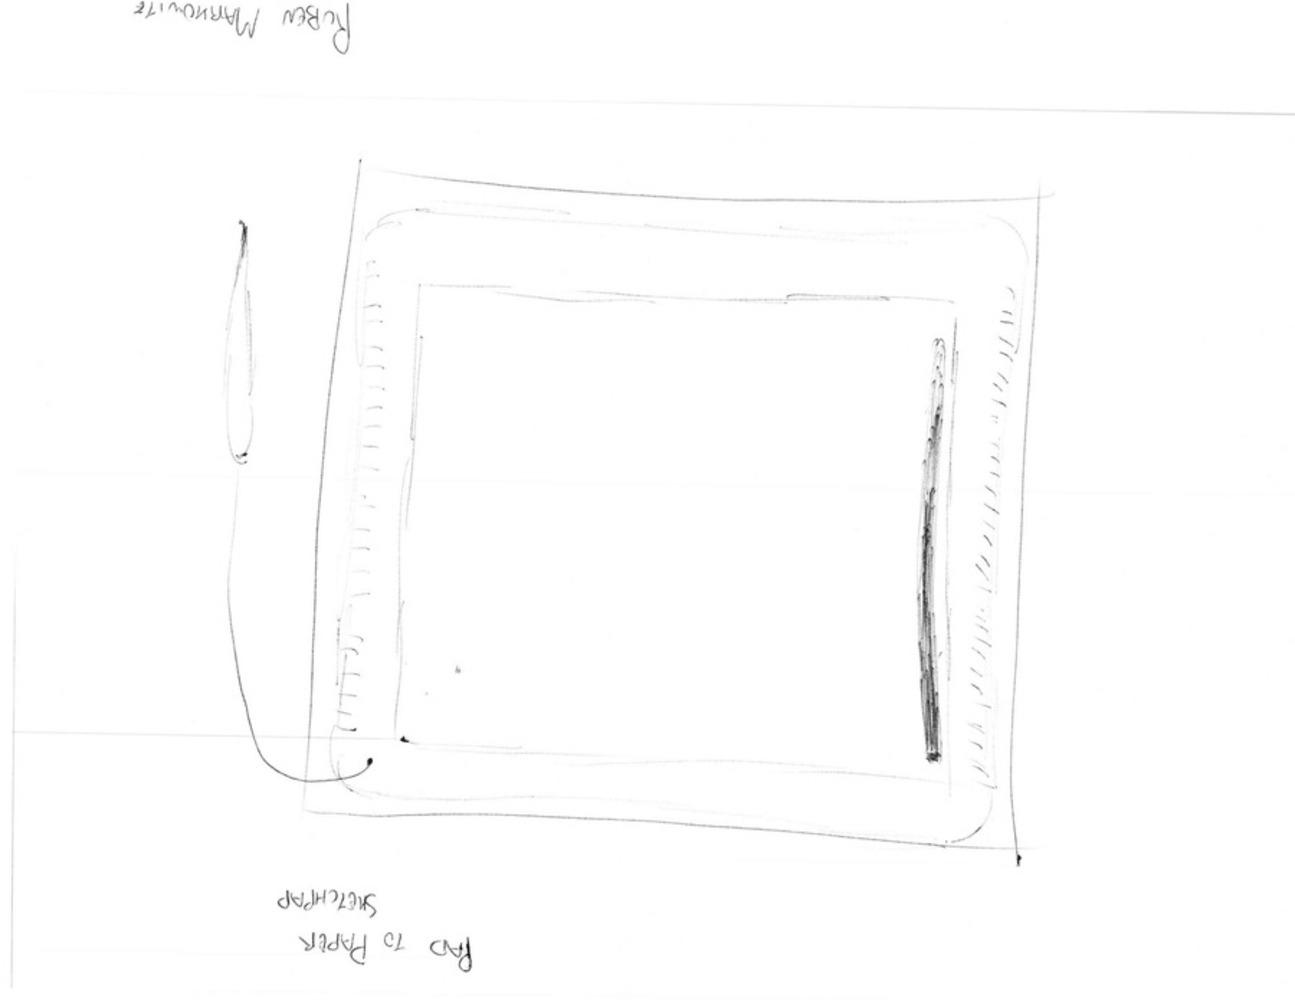 Img page 3.thumb